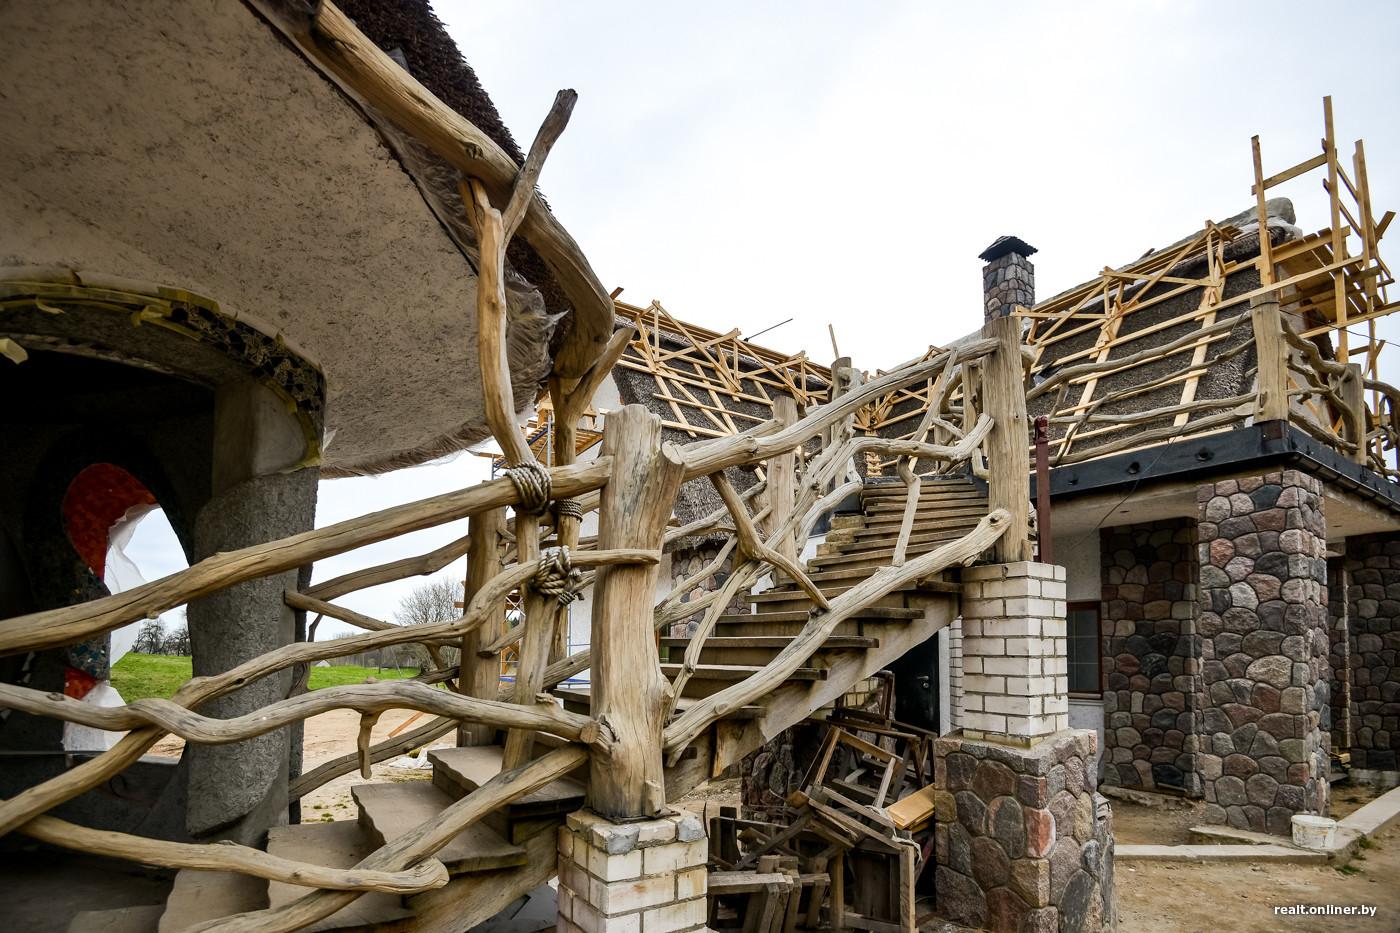 Бизнесмен из глубинки купил дом в деревне и создал там нечто невероятное